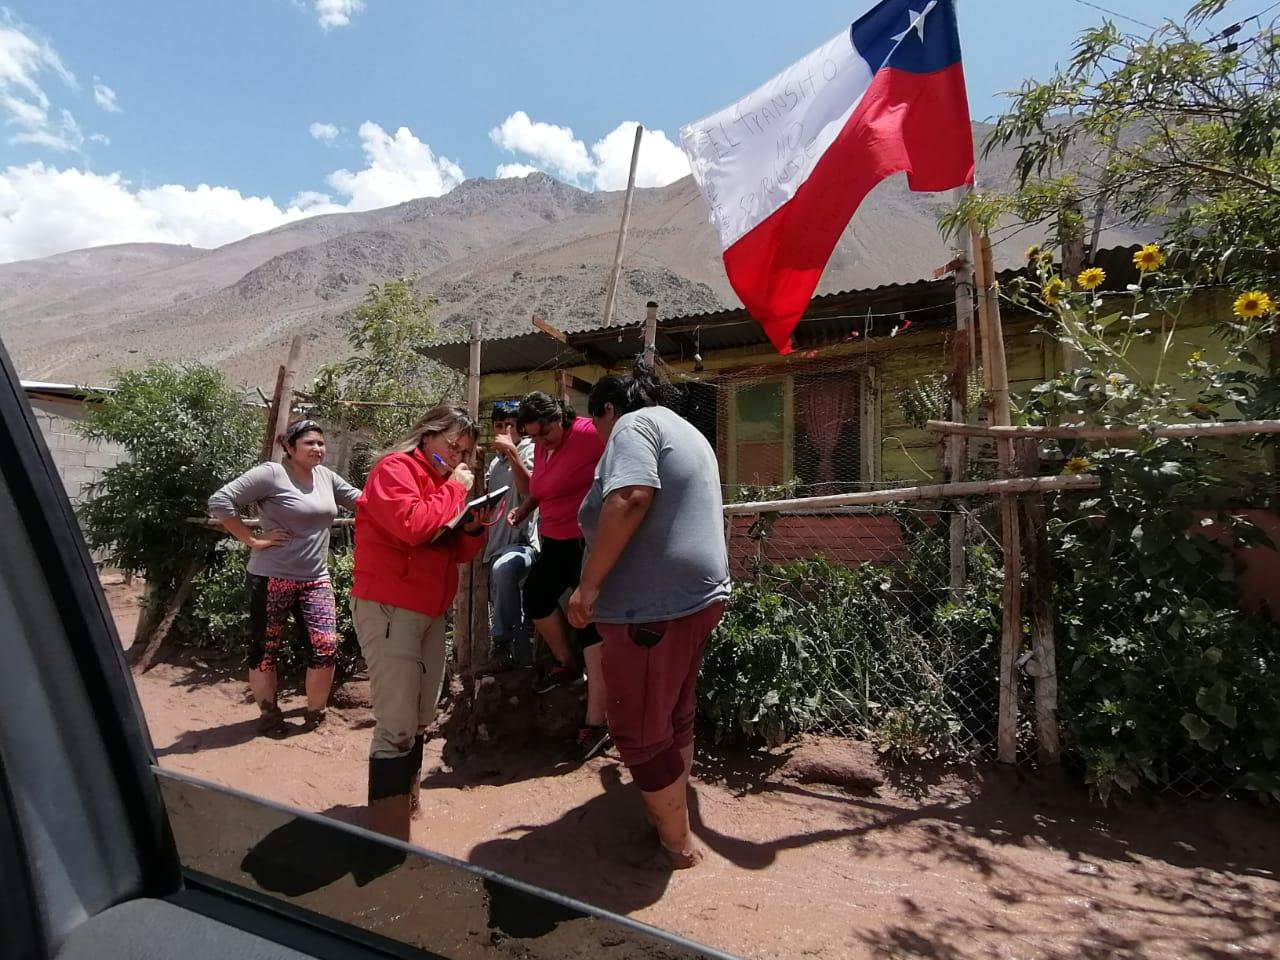 Diputada Sofía Cid lamentó fallecimiento de una persona en Alto del Carmen y a la vez solicitó no olvidar ayuda para animales en la zona